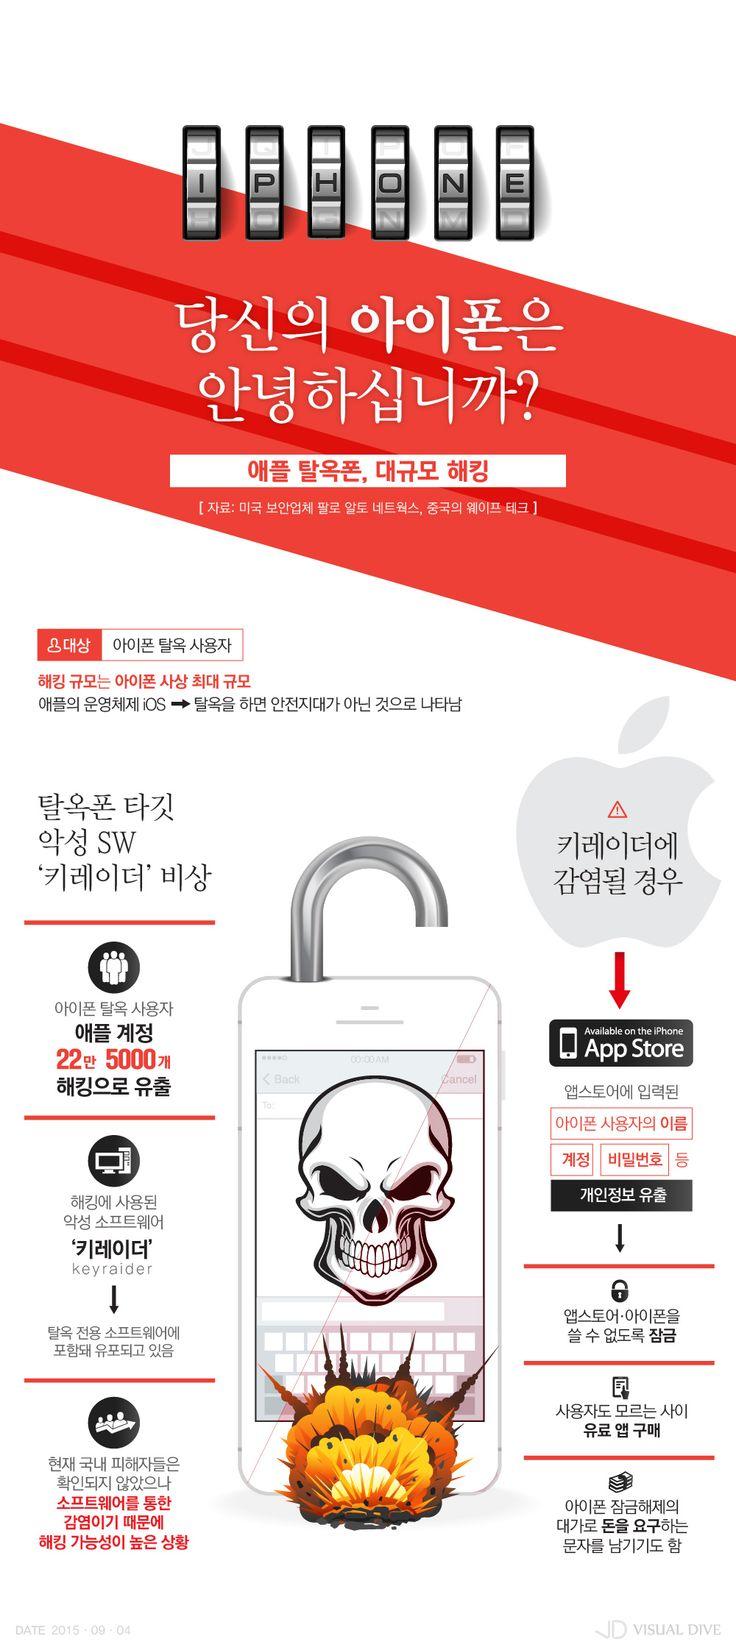 해킹 먹잇감 된 애플 탈옥폰…당신의 아이폰은? [인포그래픽] #iPhone / #Infographic ⓒ 비주얼다이브 무단 복사·전재·재배포 금지